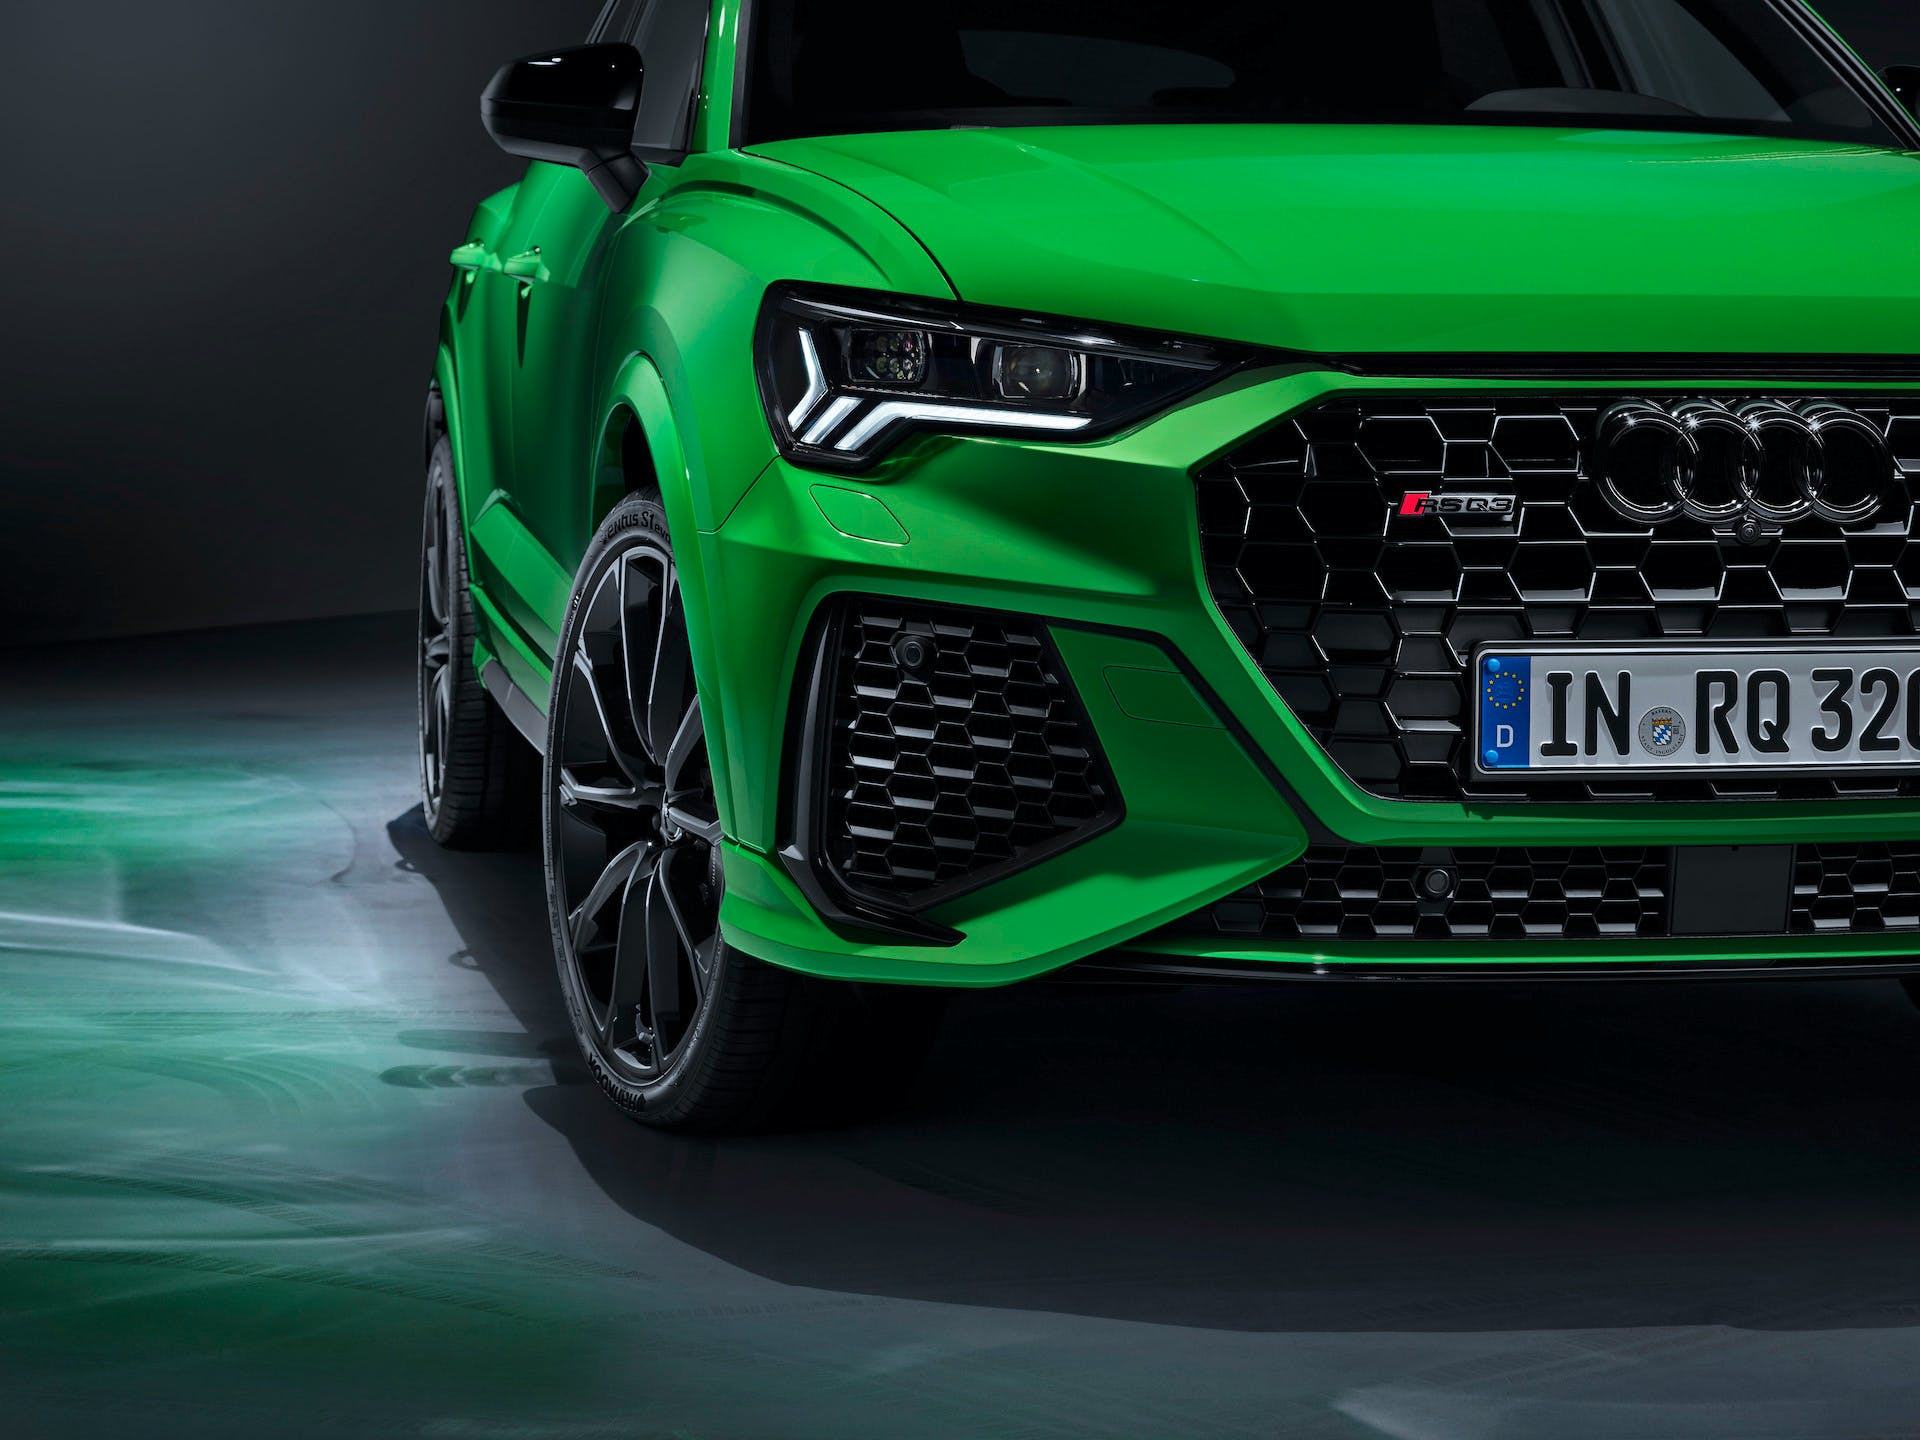 Audi RS Q3 front